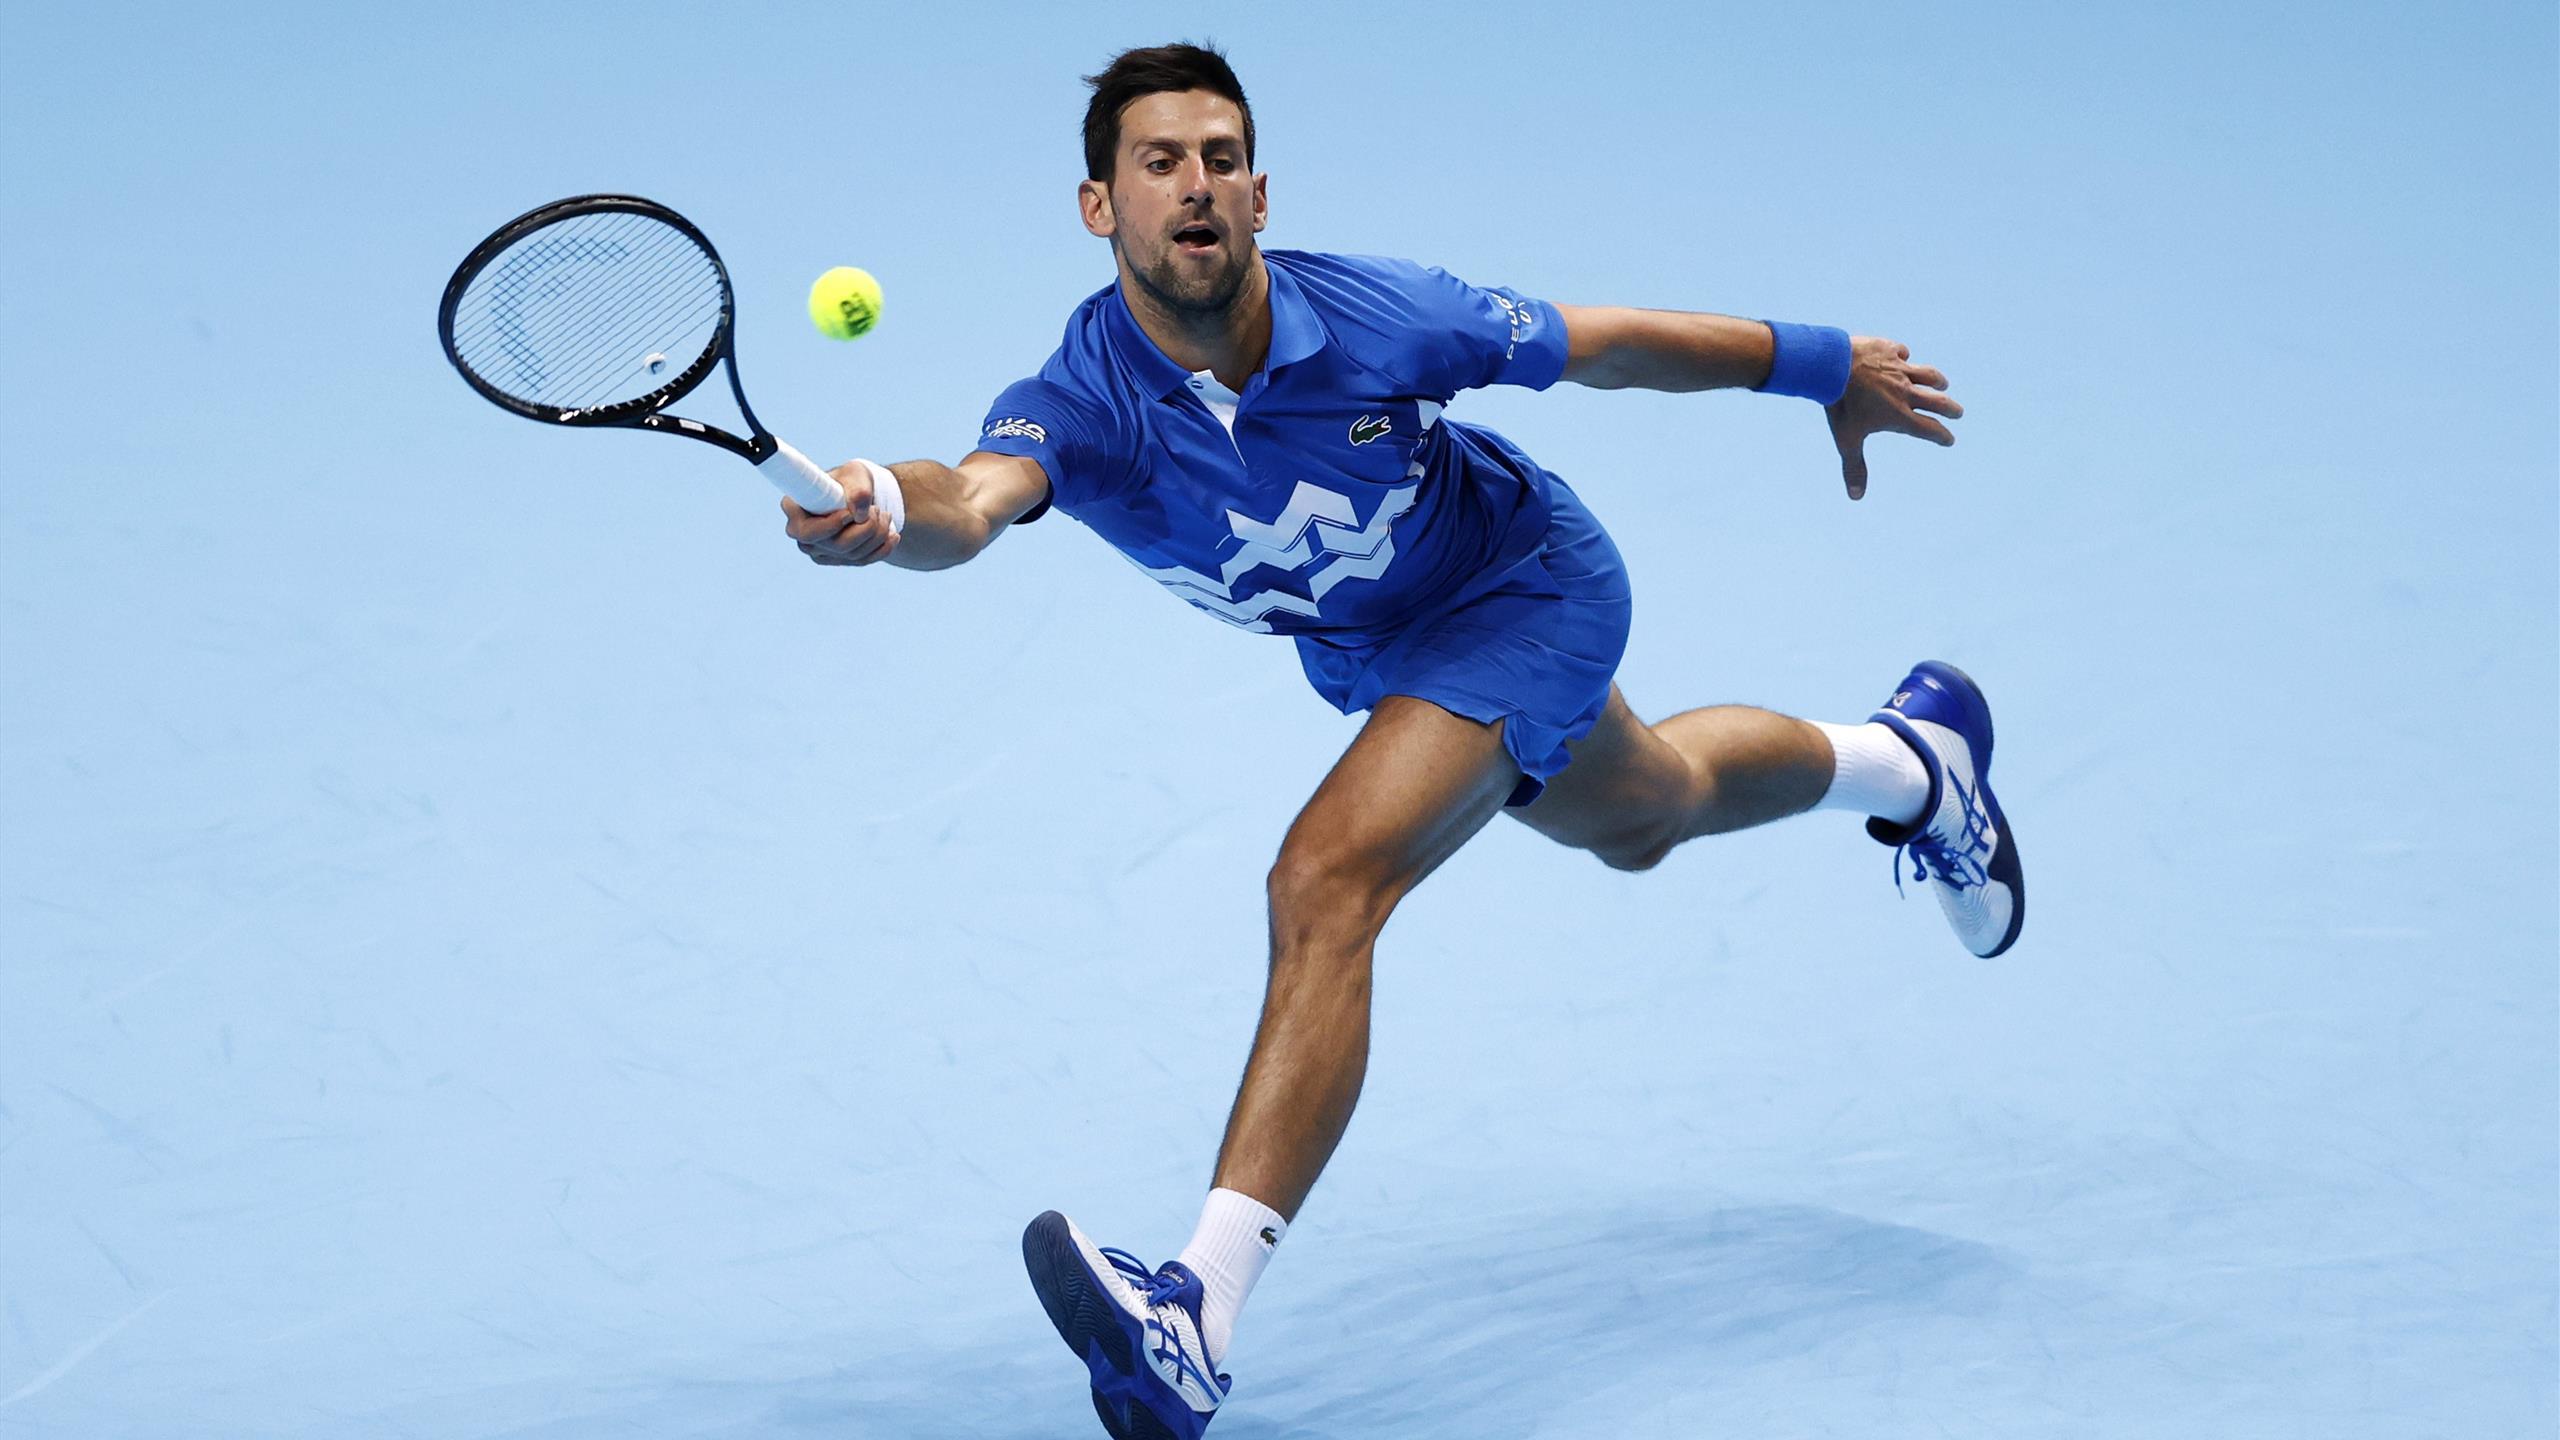 JETZT LIVE | ATP Finals mit Zverev, Djokovic und Medvedev